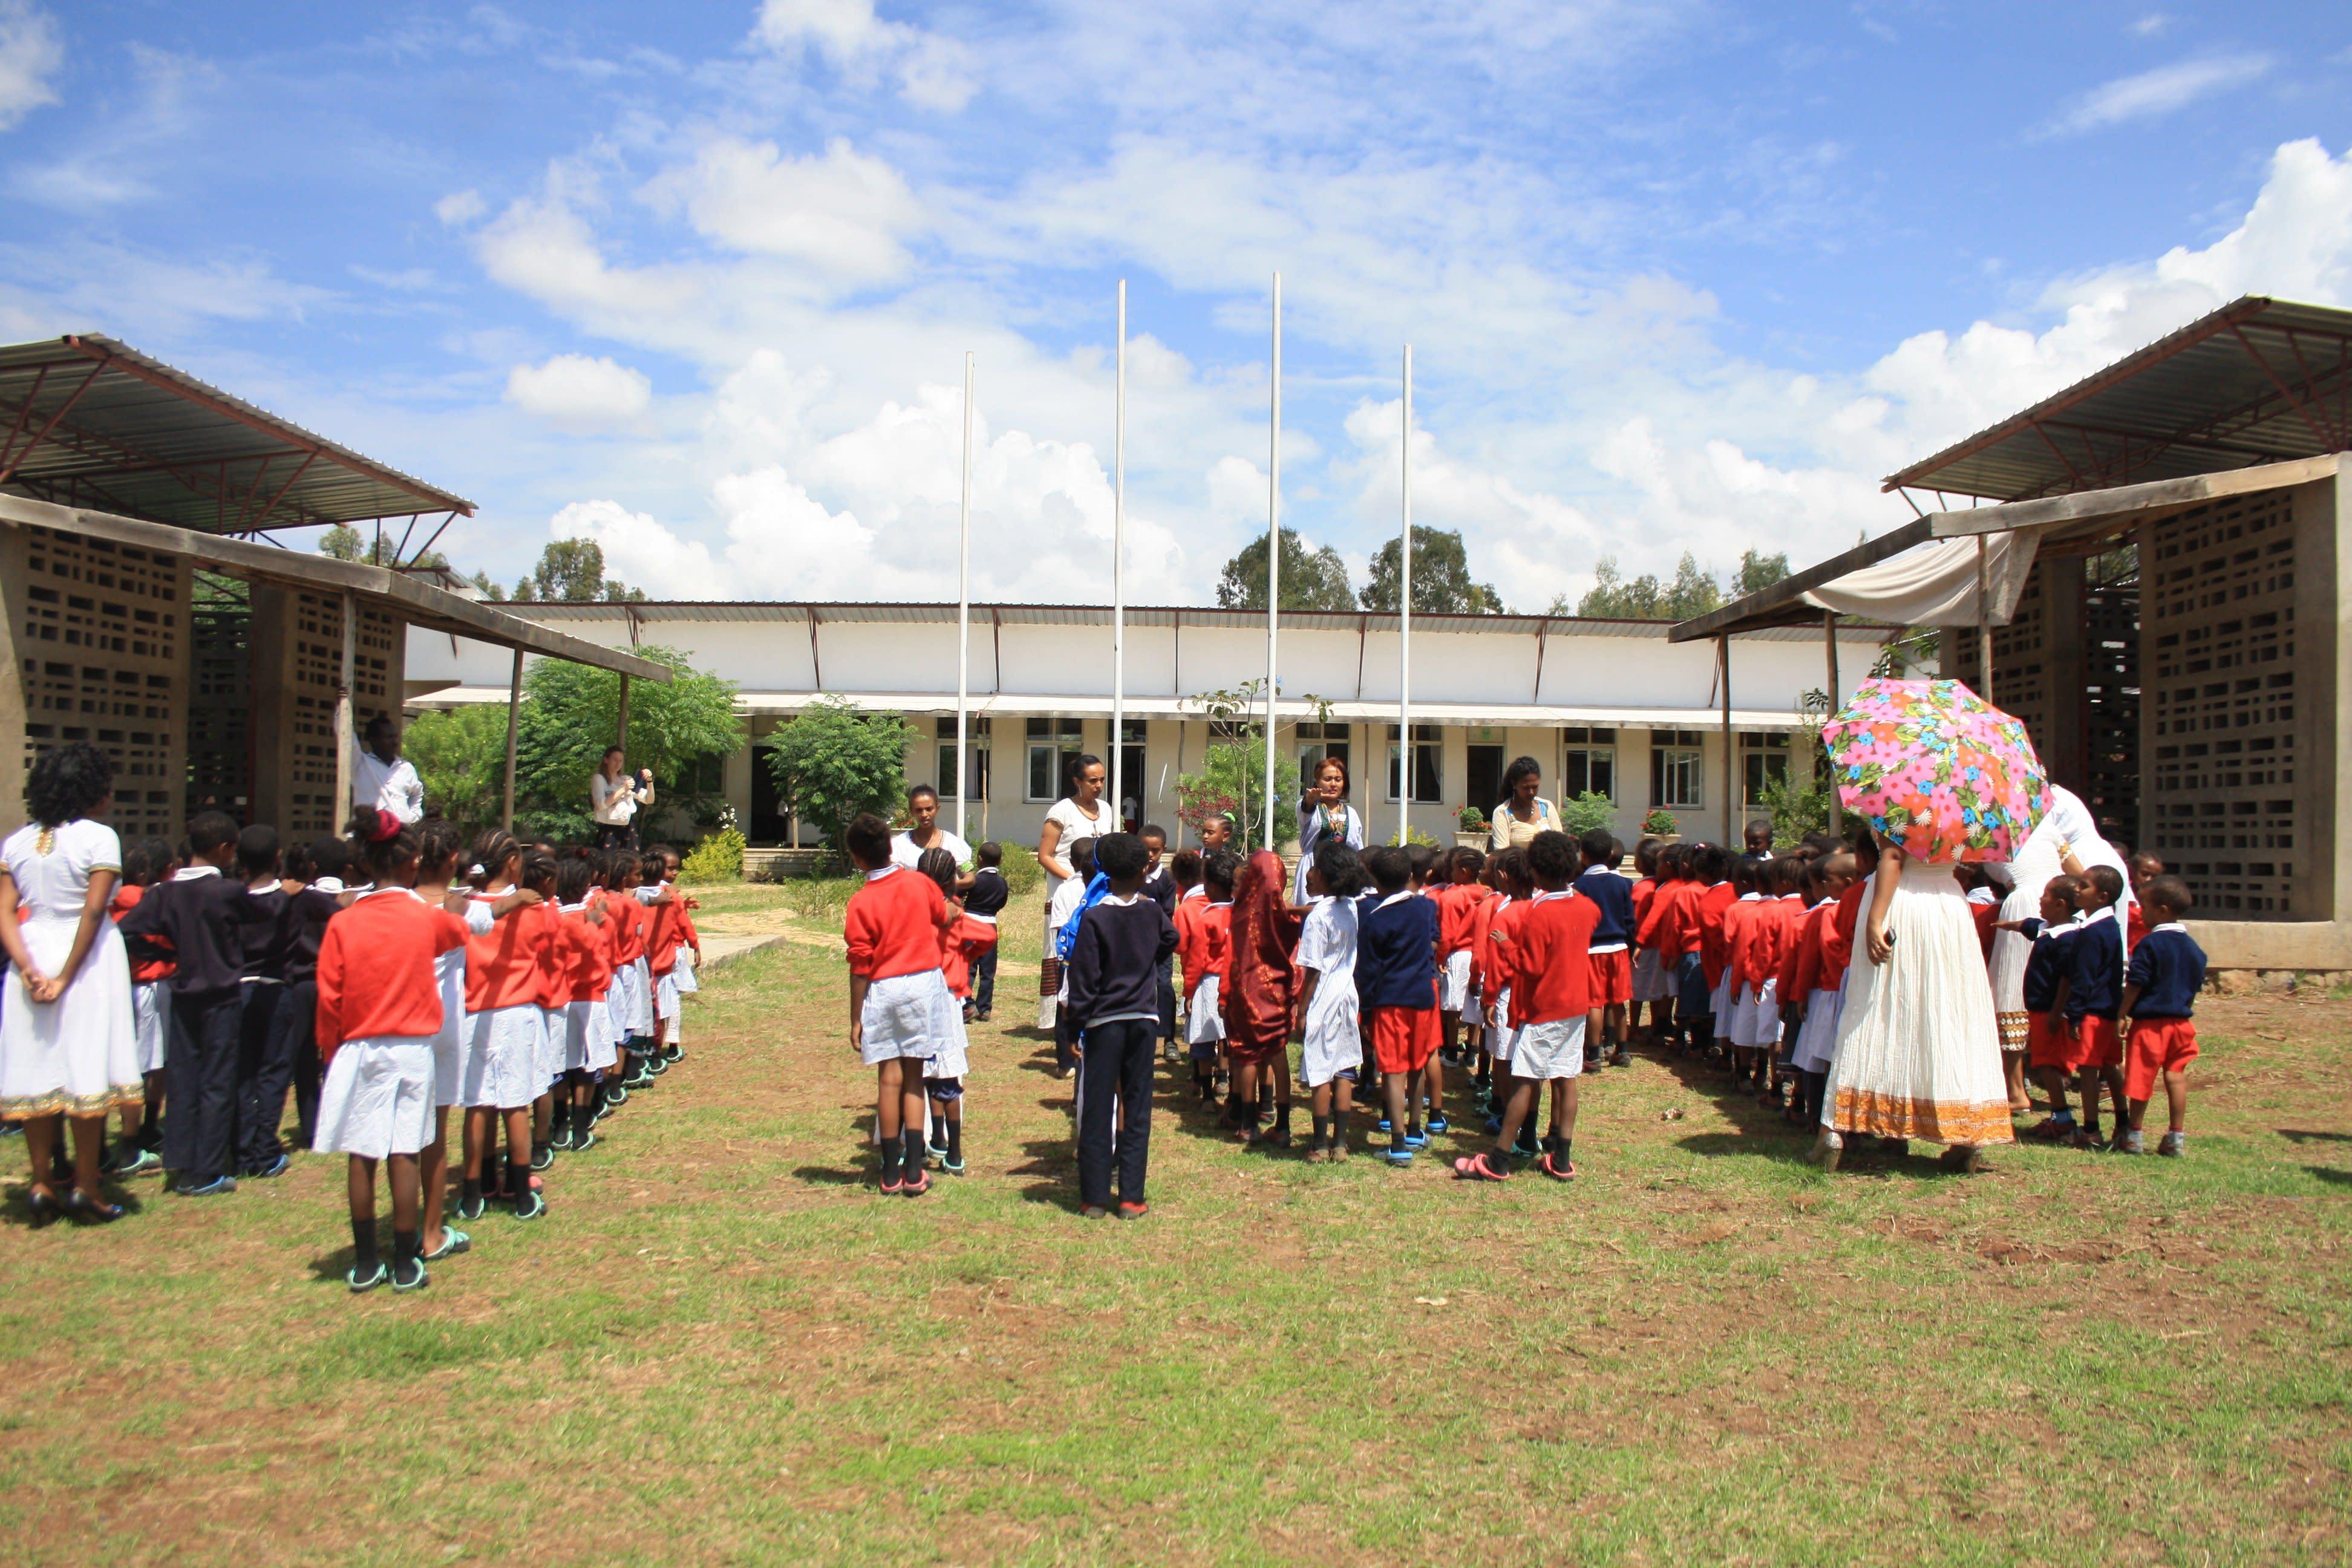 Children_singing_the_national_anthem_to_start_the_ceremony_fm5ikj.jpg